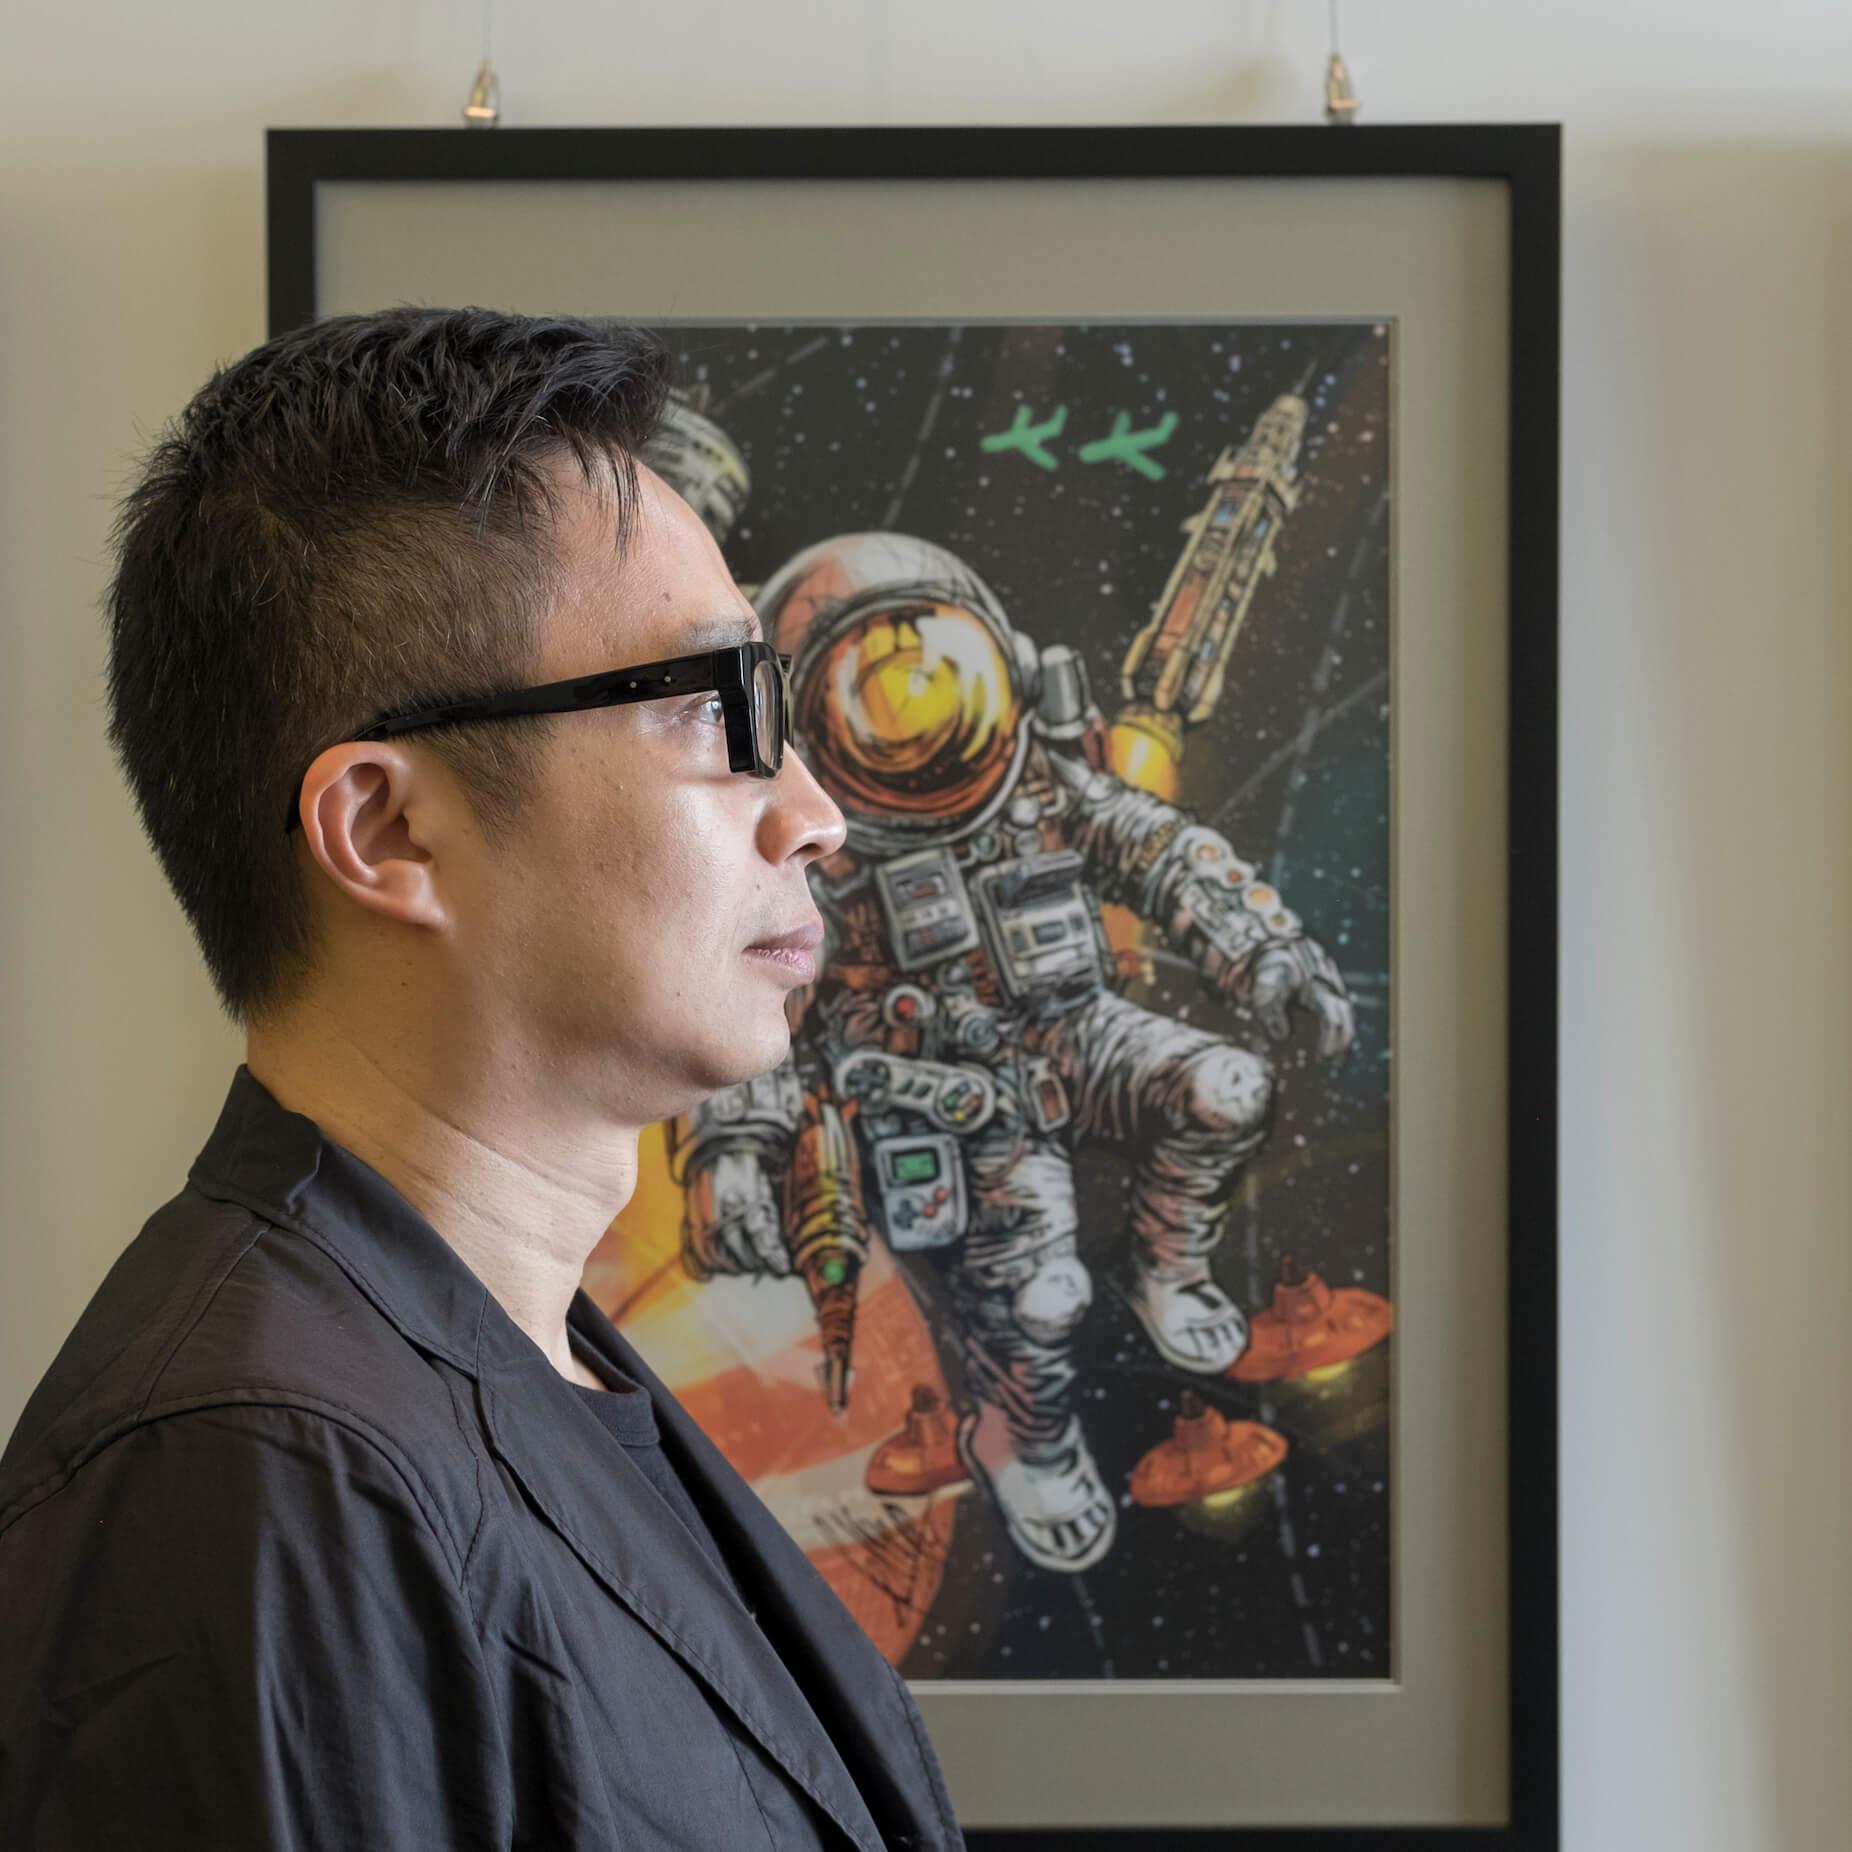 葉偉青曾任職動畫公司創作總監,重投漫畫世界後繪畫《武道狂之詩》、《今晚打喪屍》,最新作品為《香港重機》。